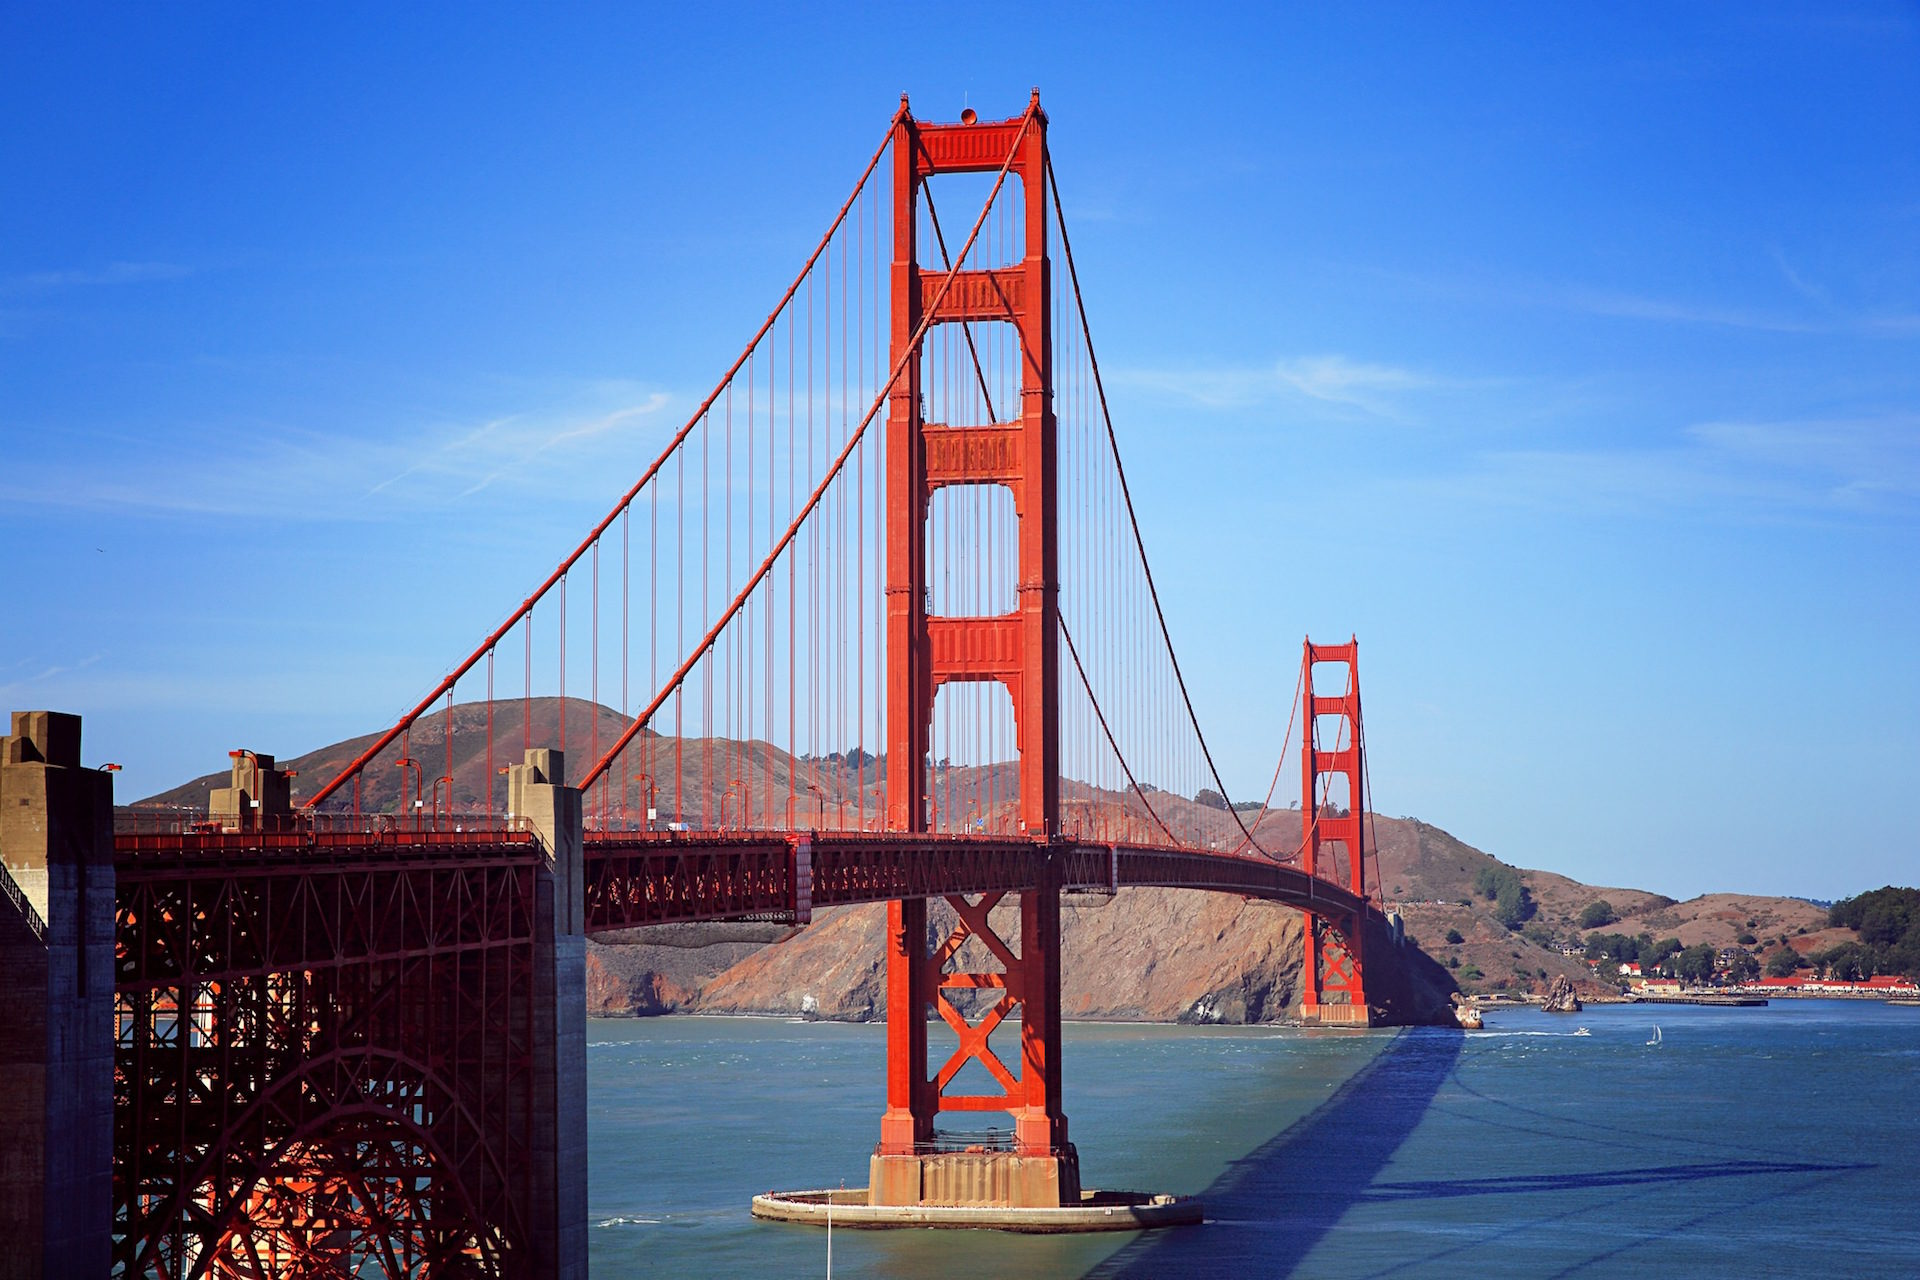 ponte, São francisco, Céu, montañas, usa - Papéis de parede HD - Professor-falken.com